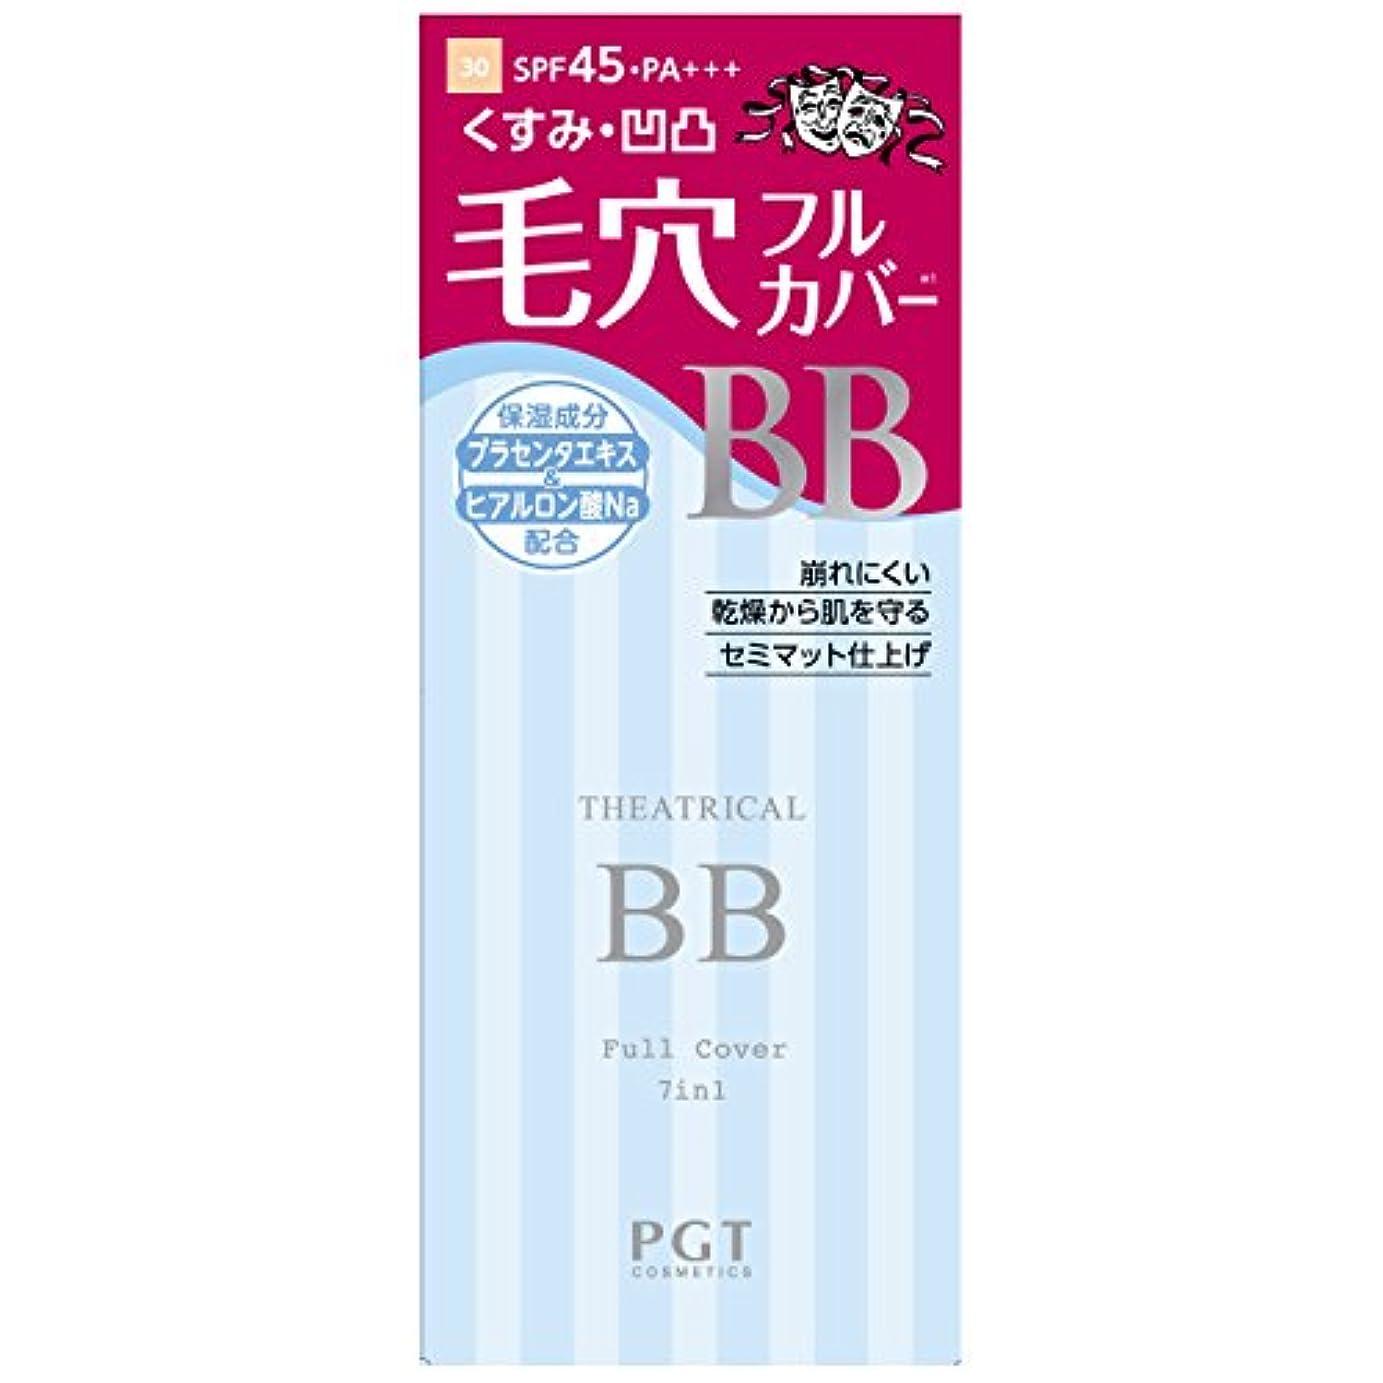 暫定のバイオリンメタンパルガントン シアトリカルBBクリーム#30 ナチュラルオークル  25g SPF45/PA+++